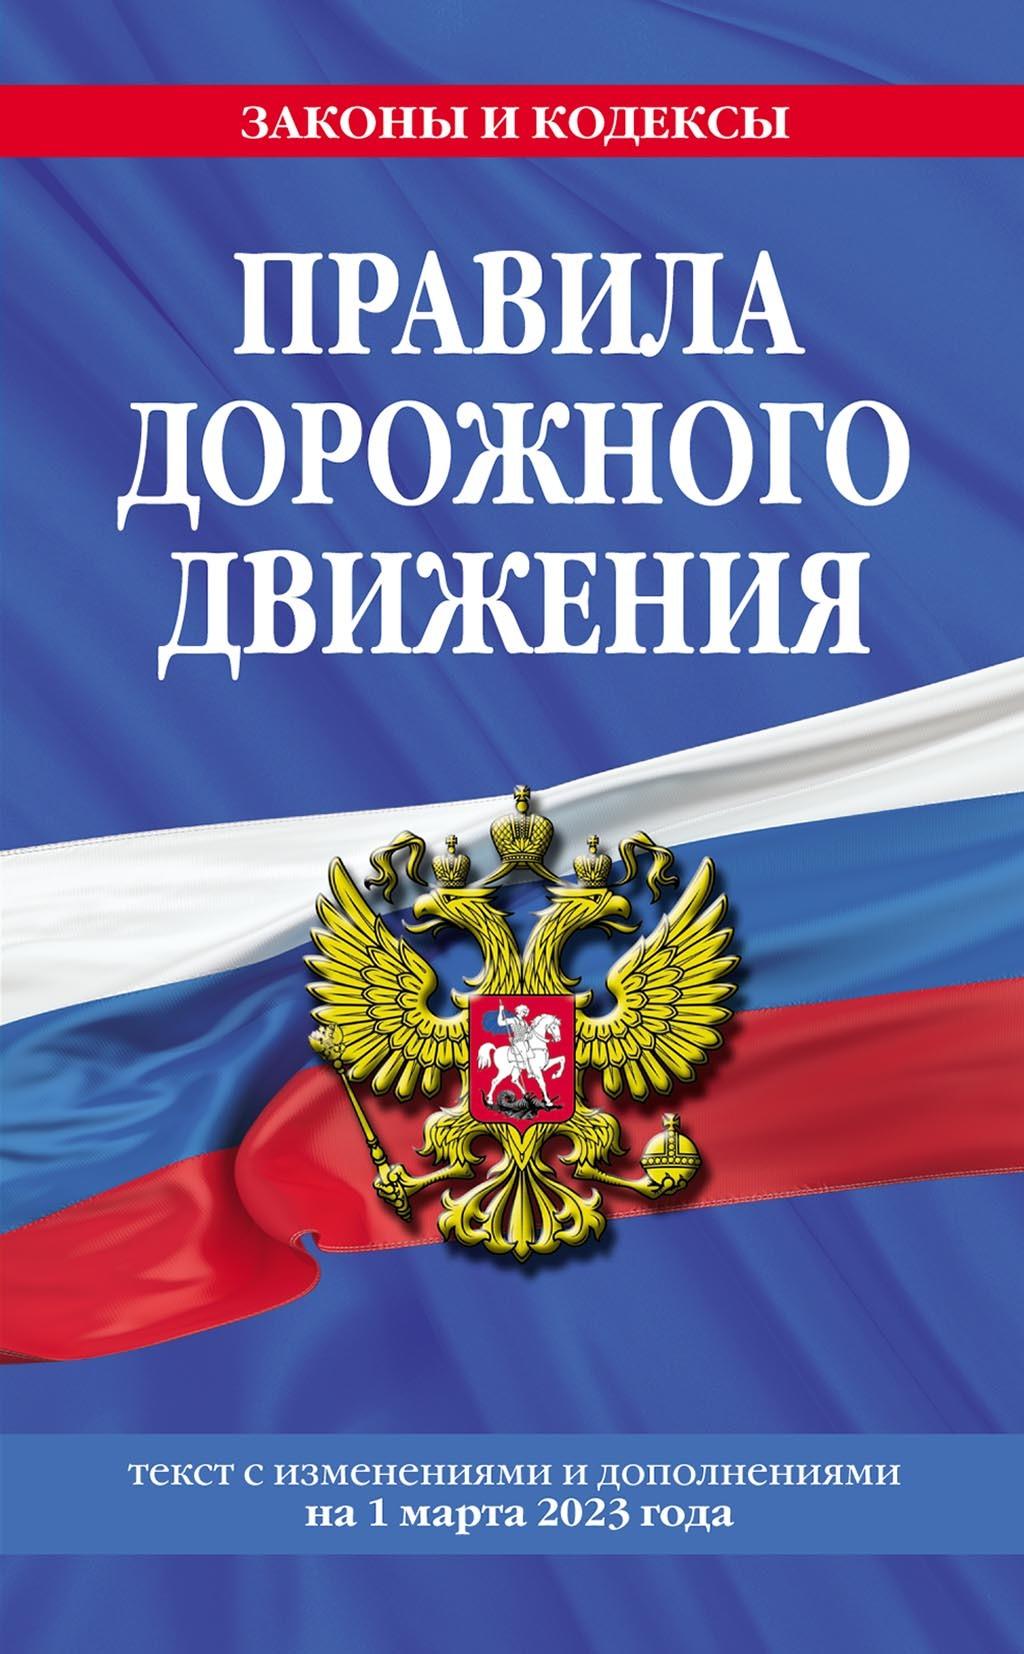 Отсутствует Правила дорожного движения по состоянию на 2020 год отсутствует правила дорожного движения российской федерации по состоянию на 01 сентября 2014 г